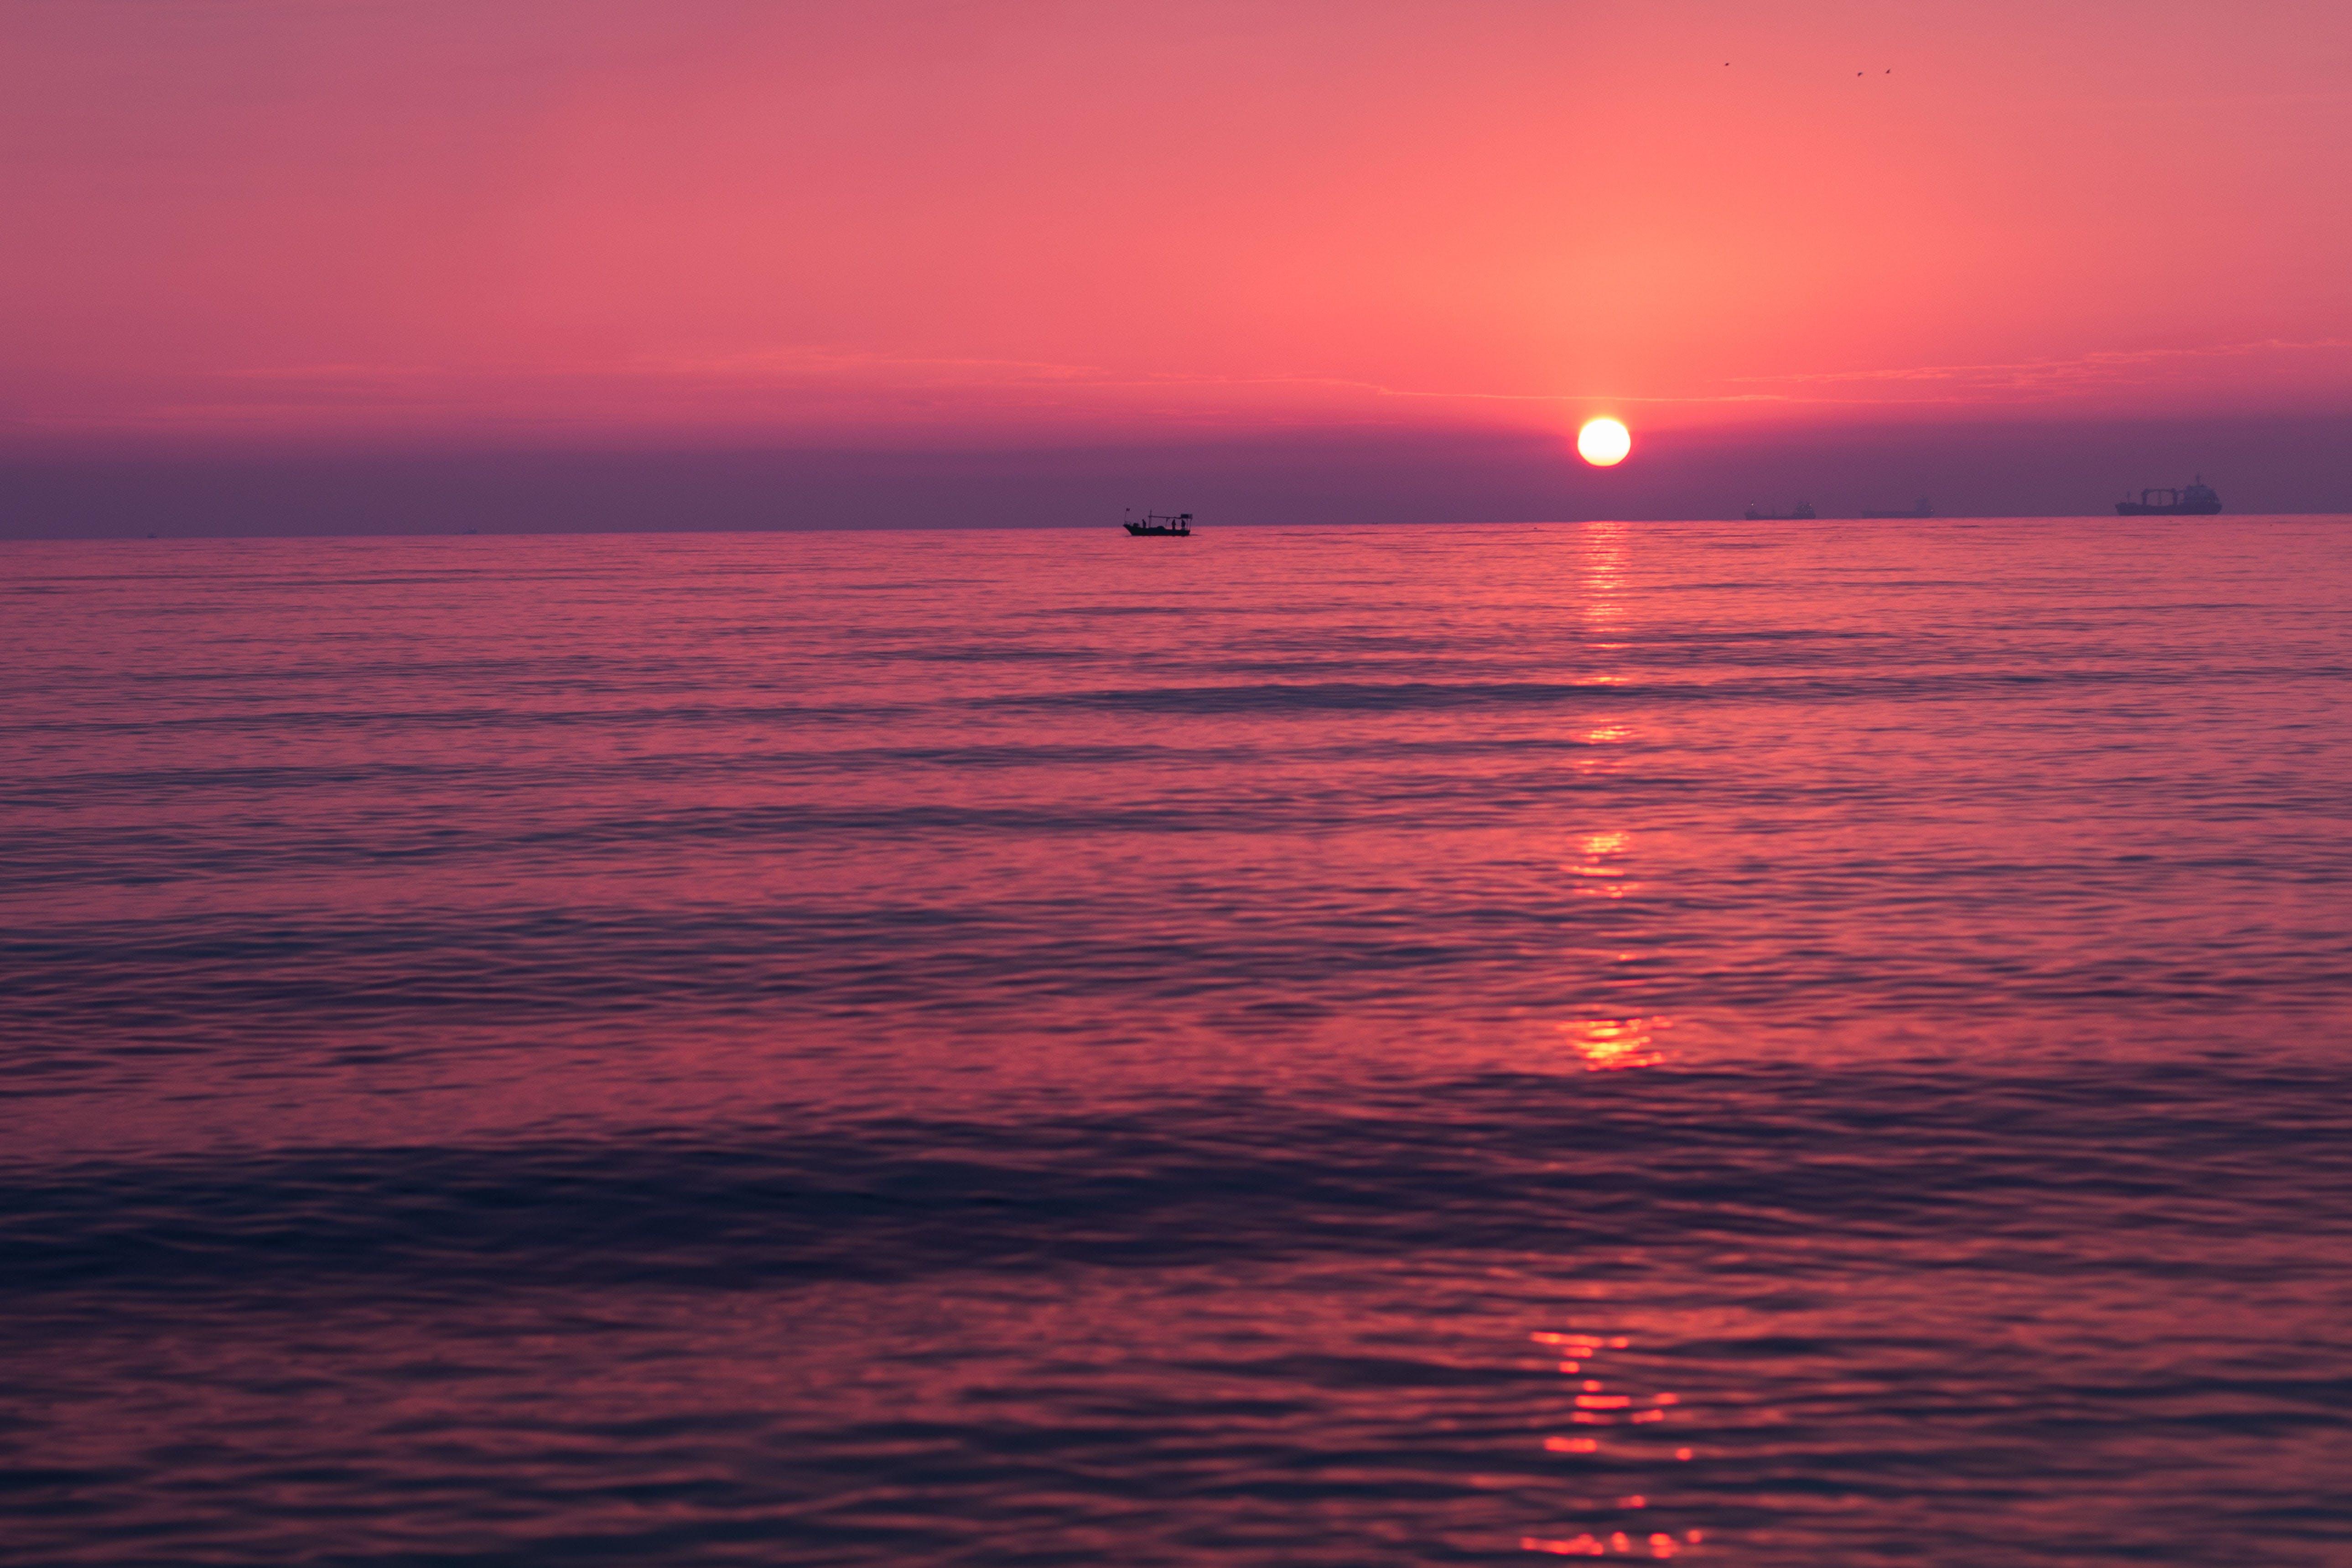 båt, hav, landskap